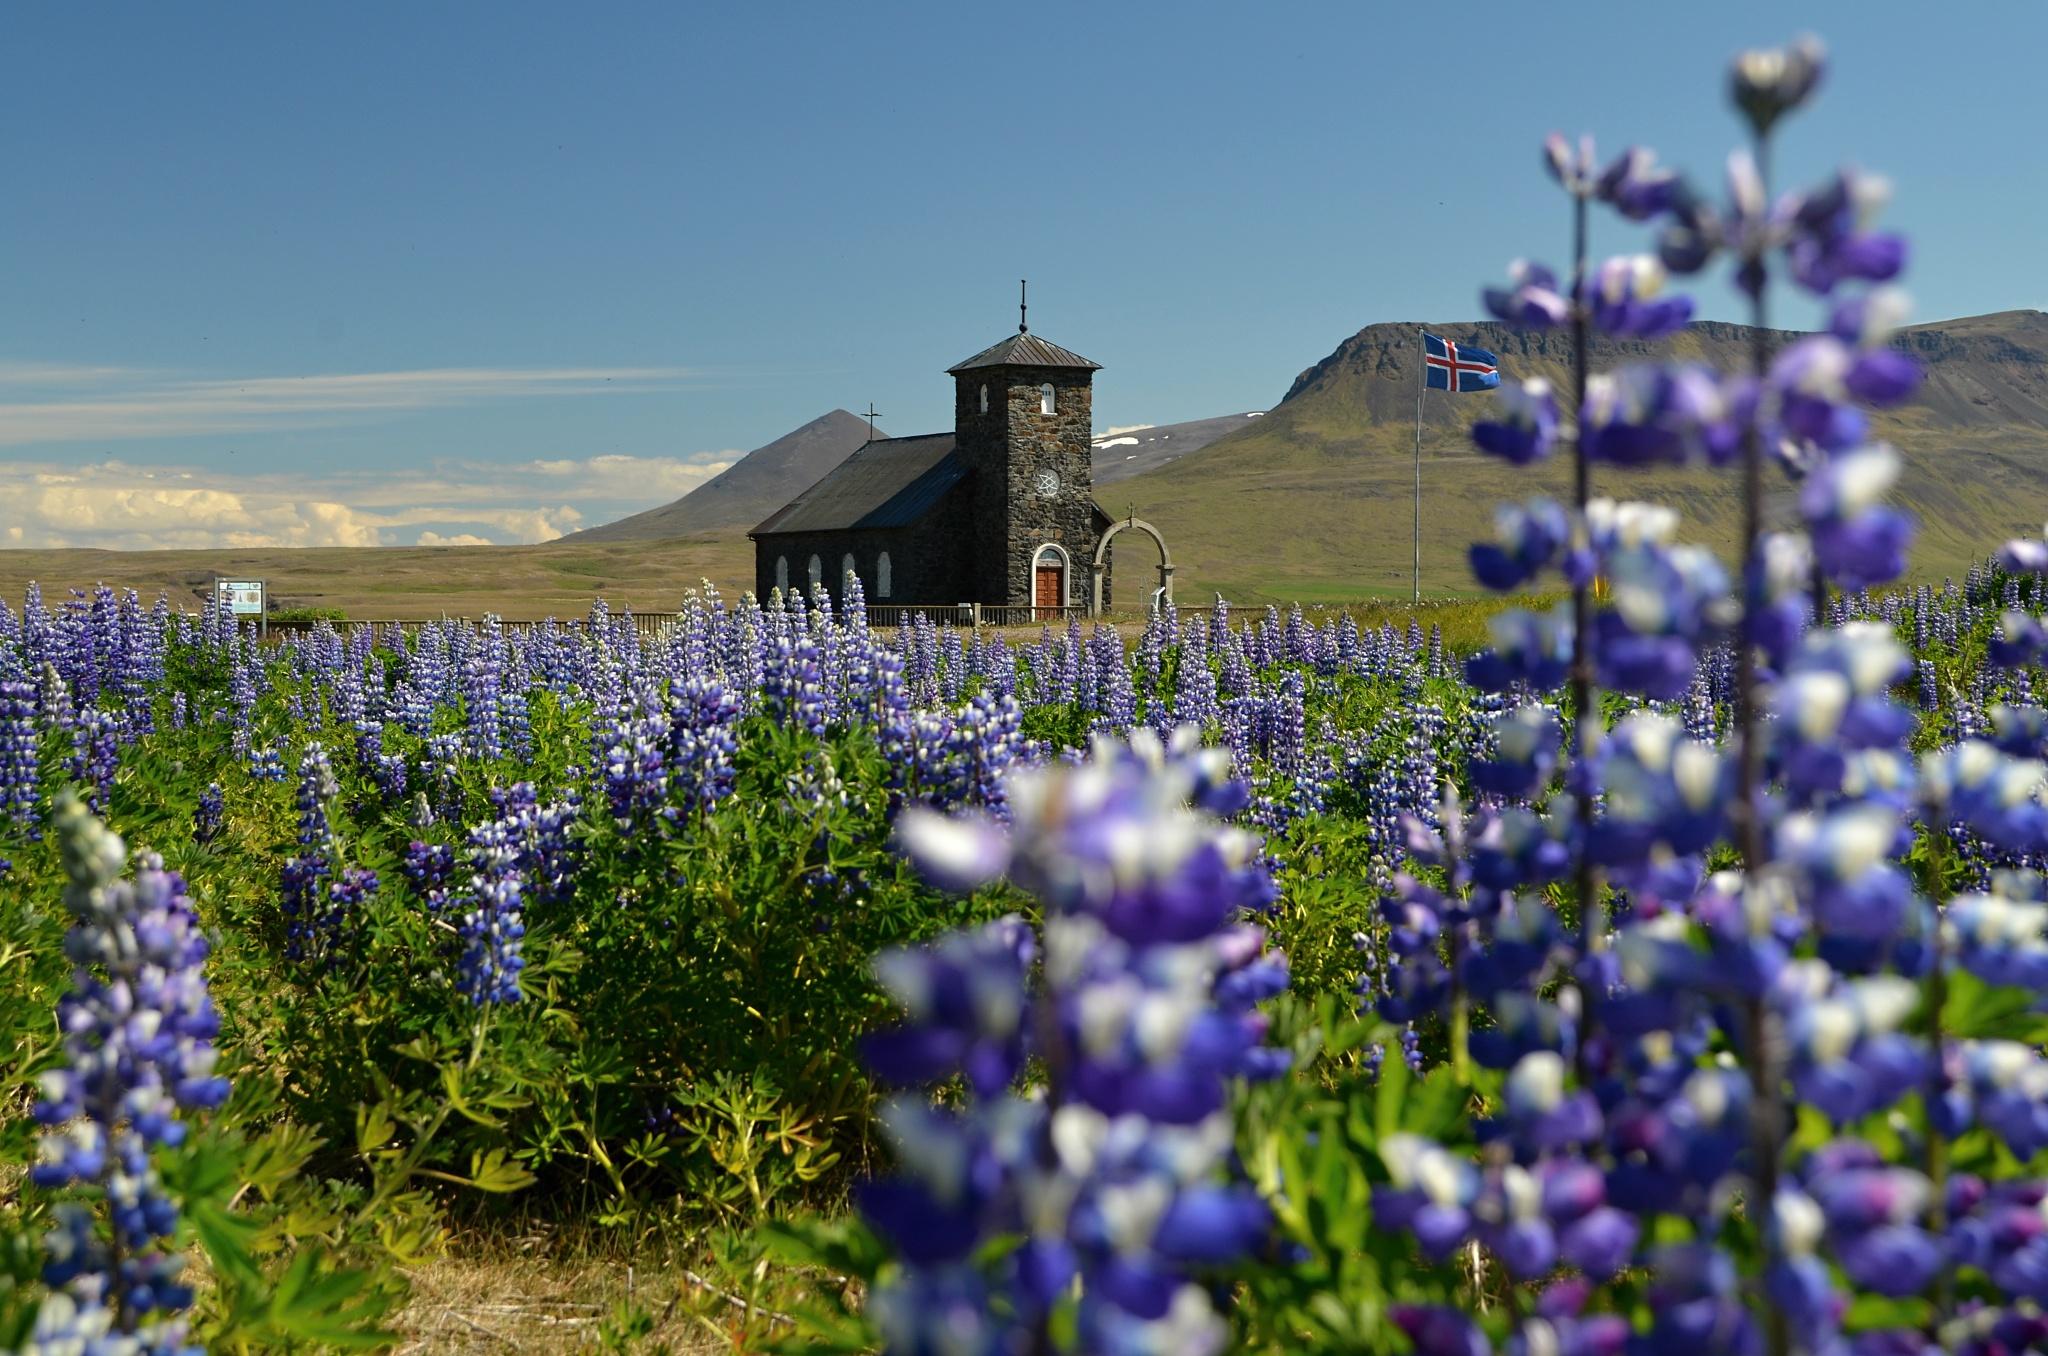 Černý kostelík Þingeyrakirkja v záplavě vlčího bobu (lupiny)